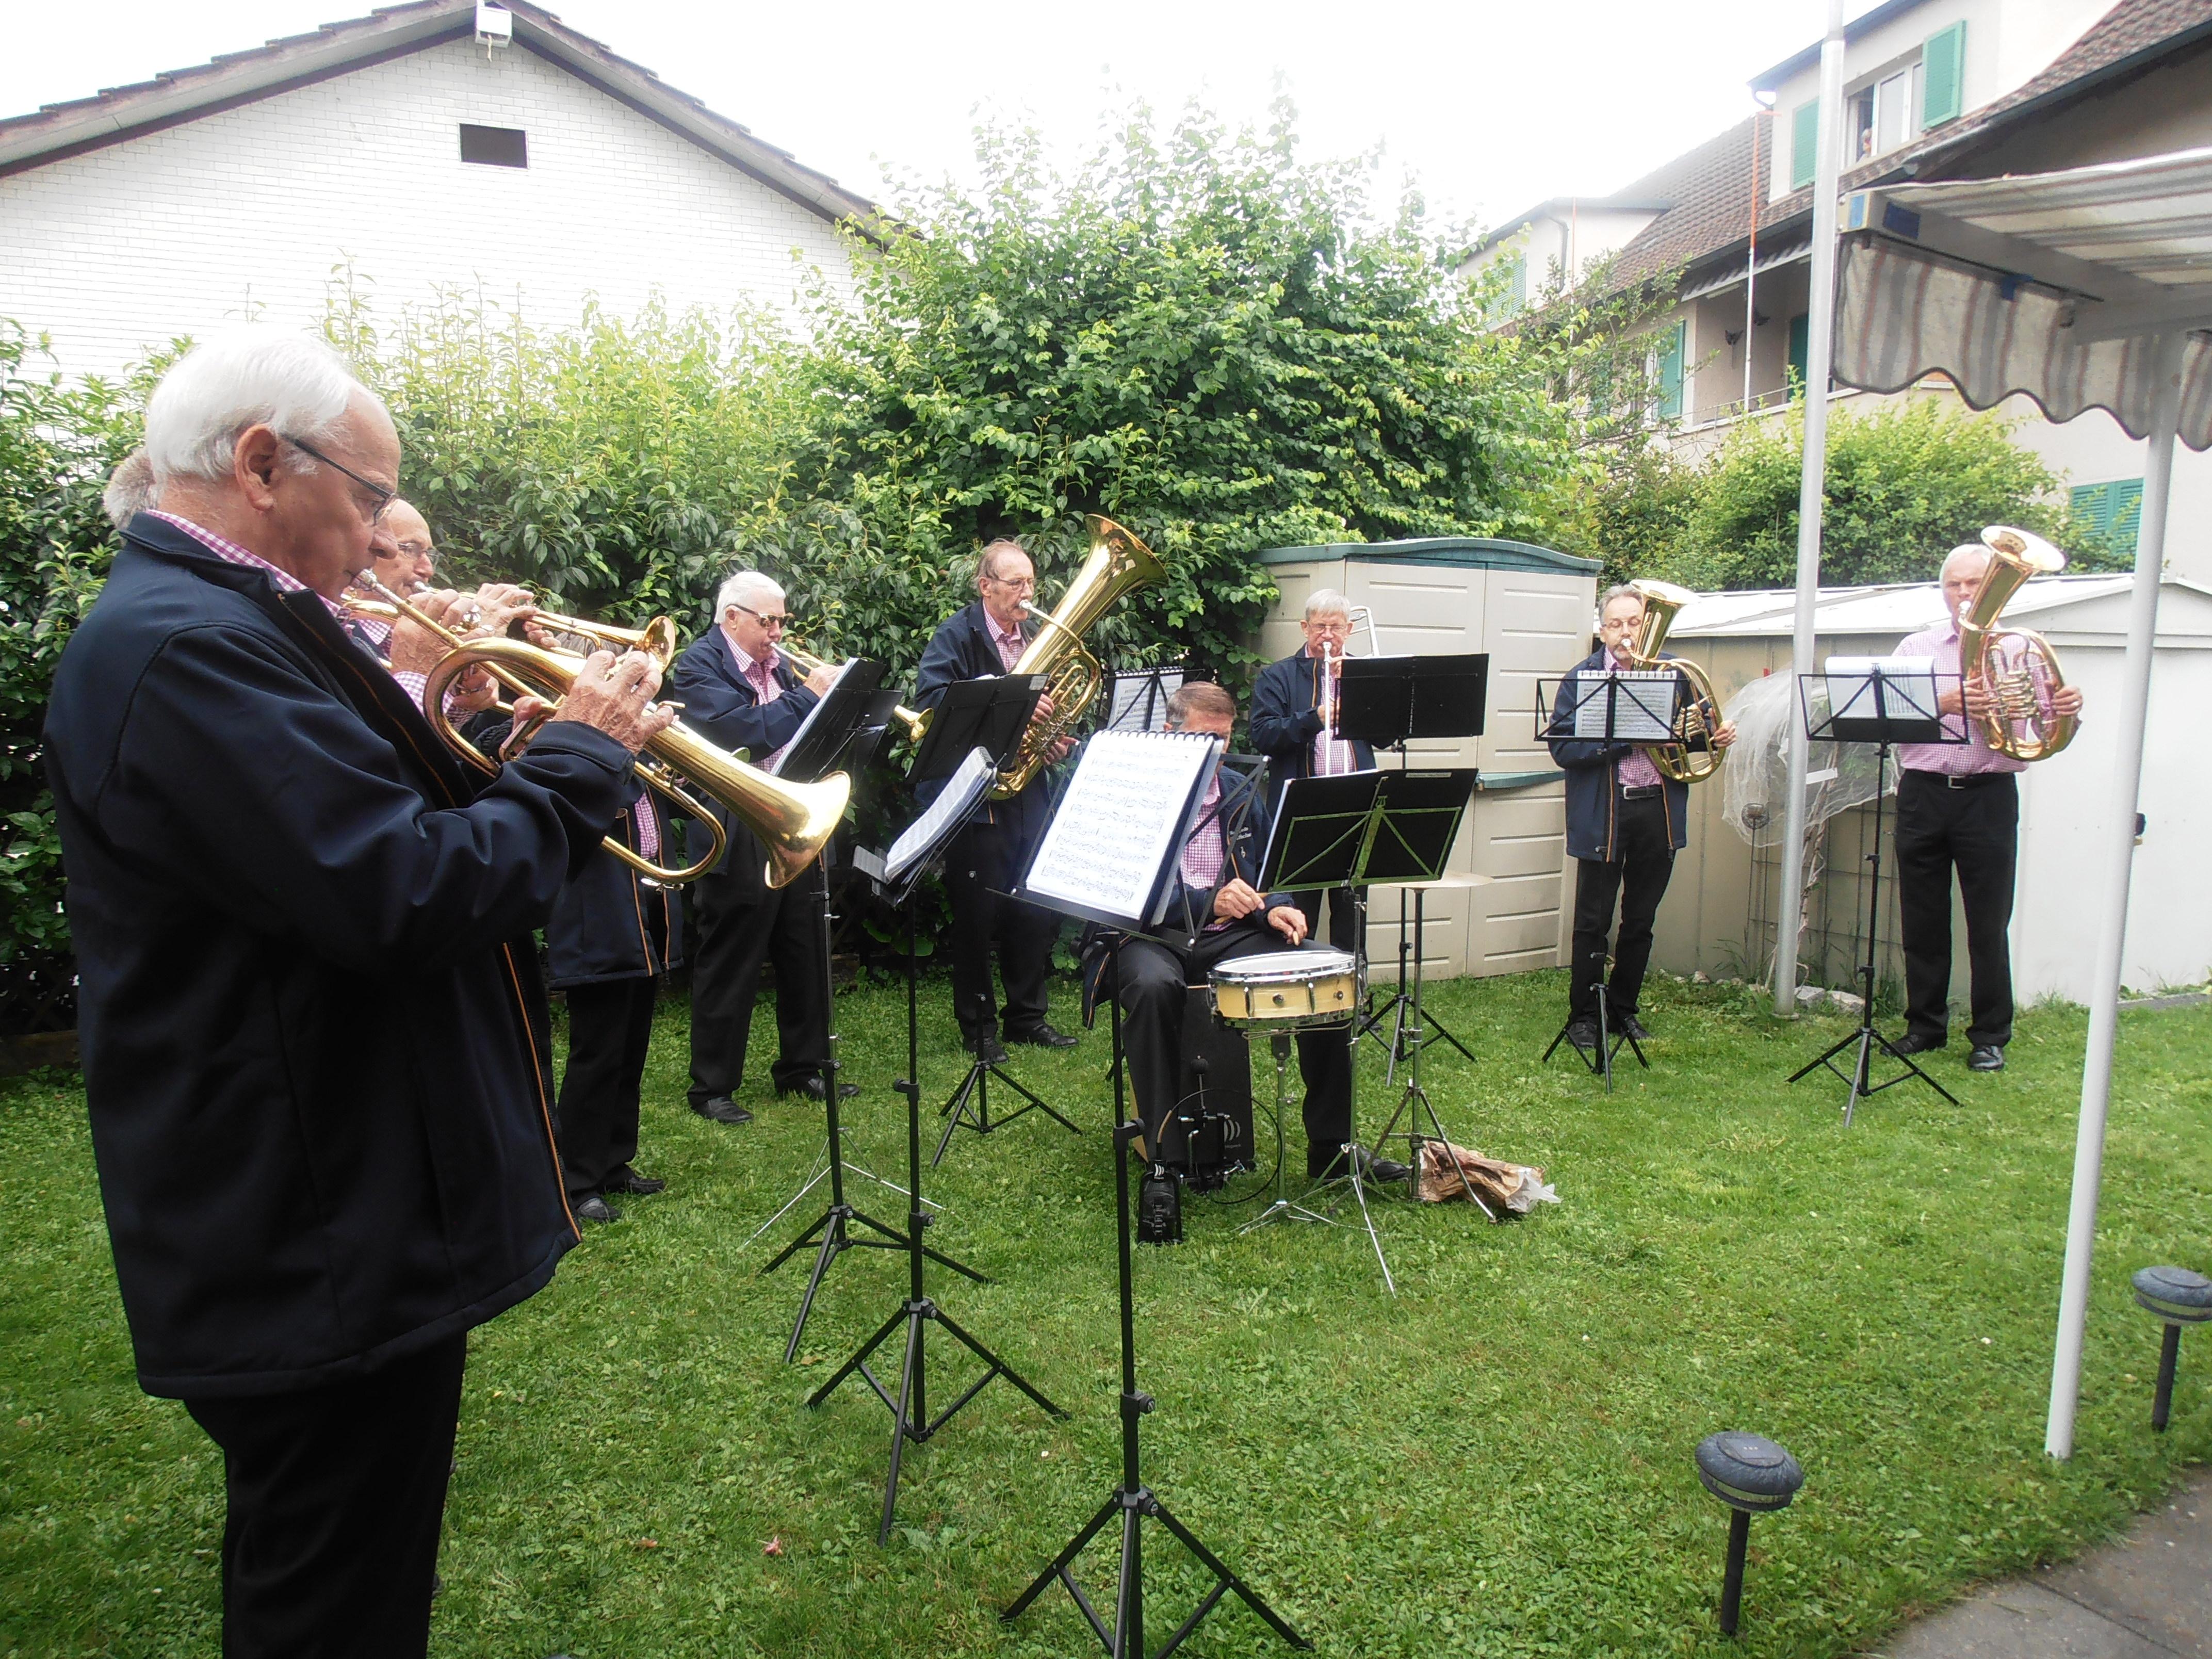 Gartenfest bei Familie Urech (14.06.2018)